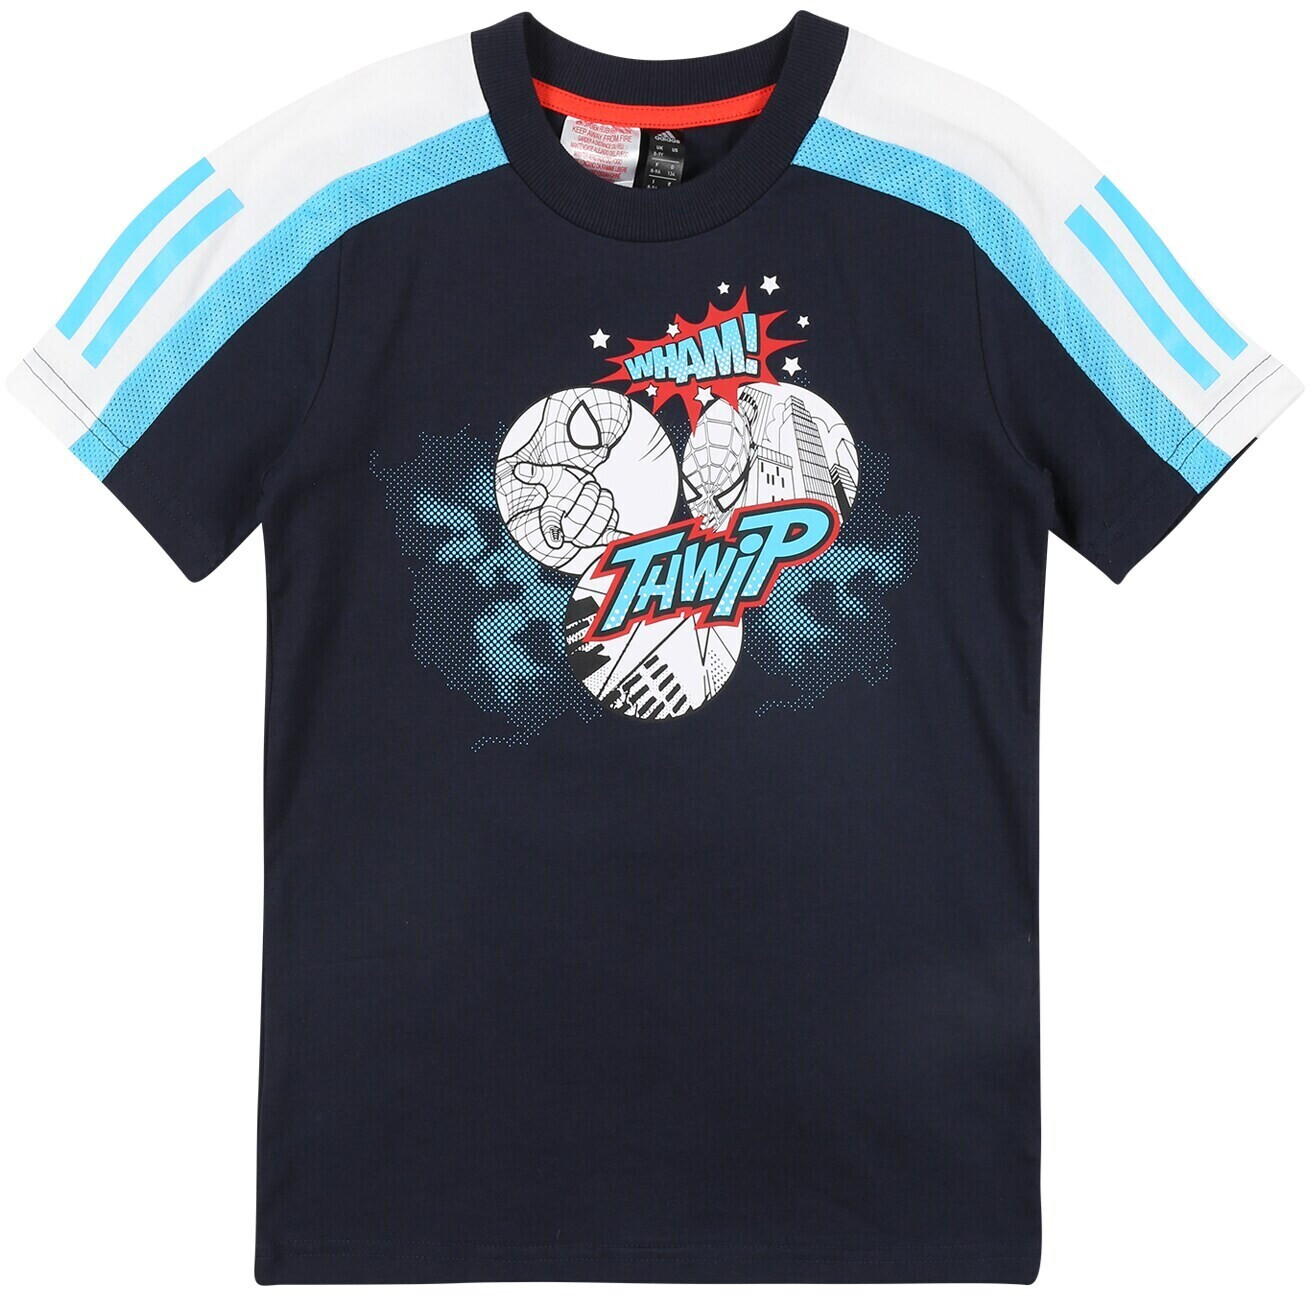 Adidas T-shirt Spider-Man legend ink/bright cyan/white